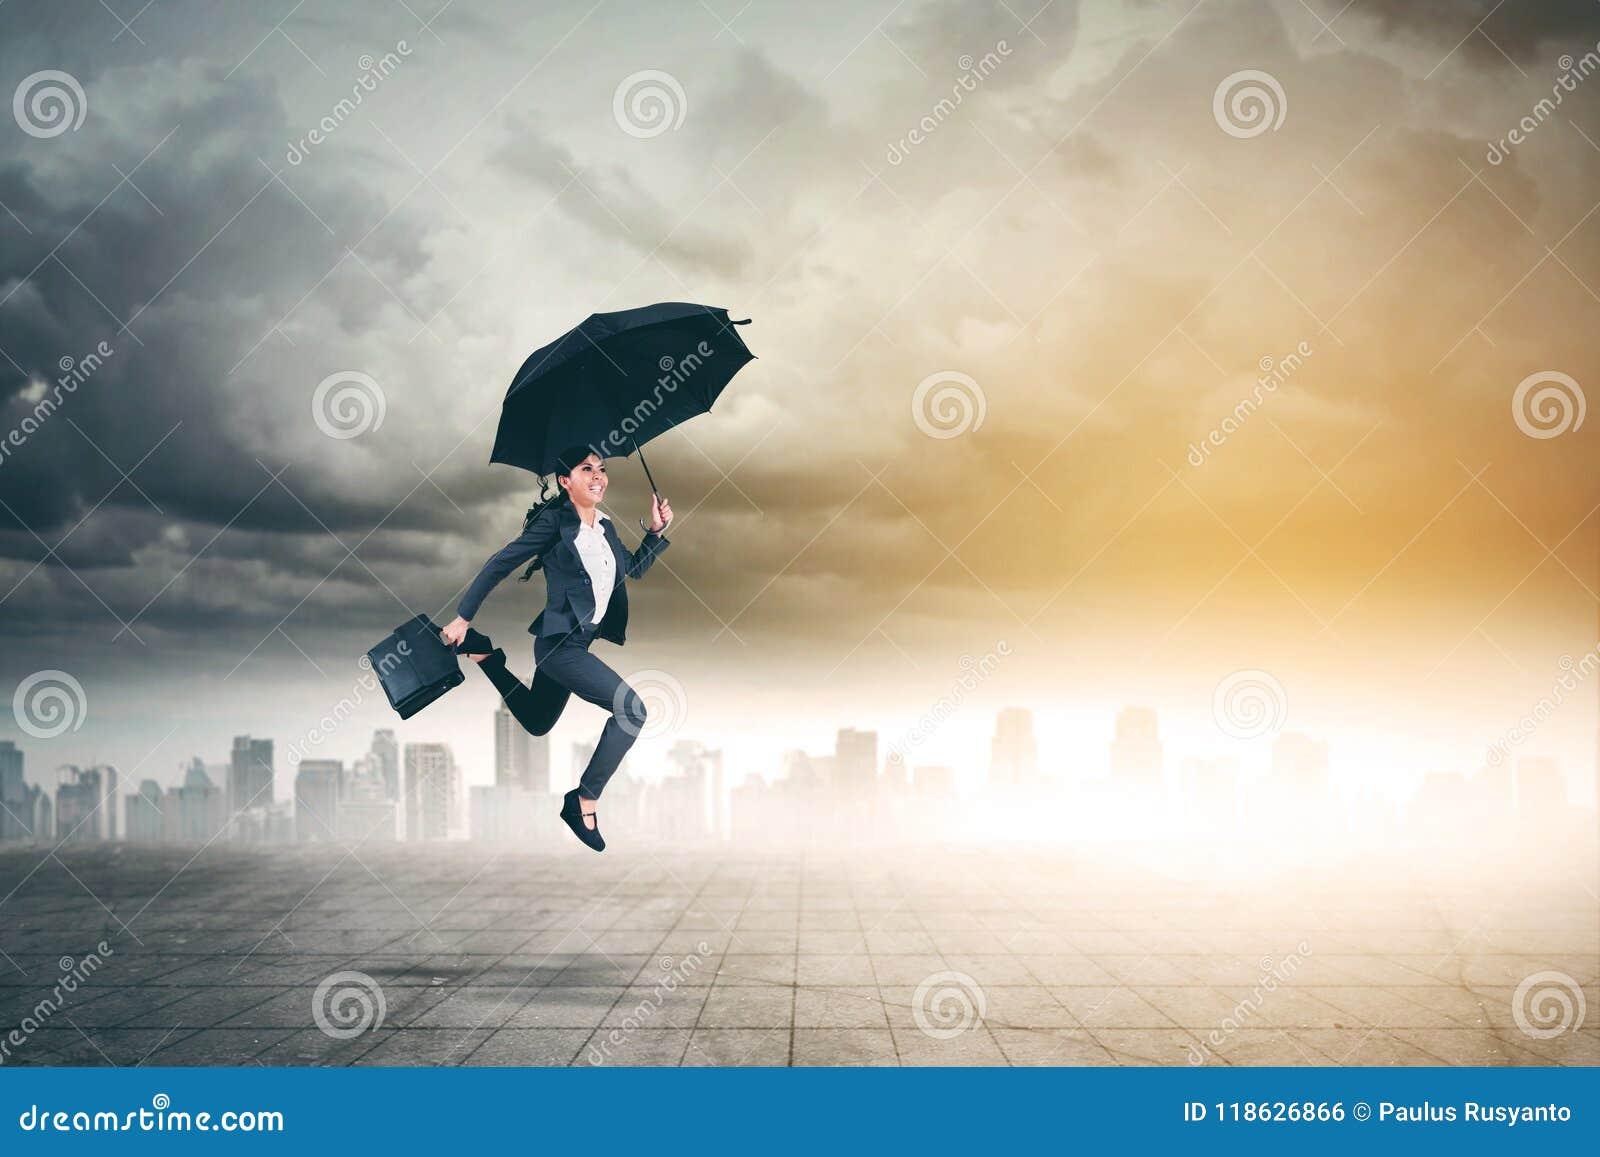 La empresaria asiática salta con el paraguas